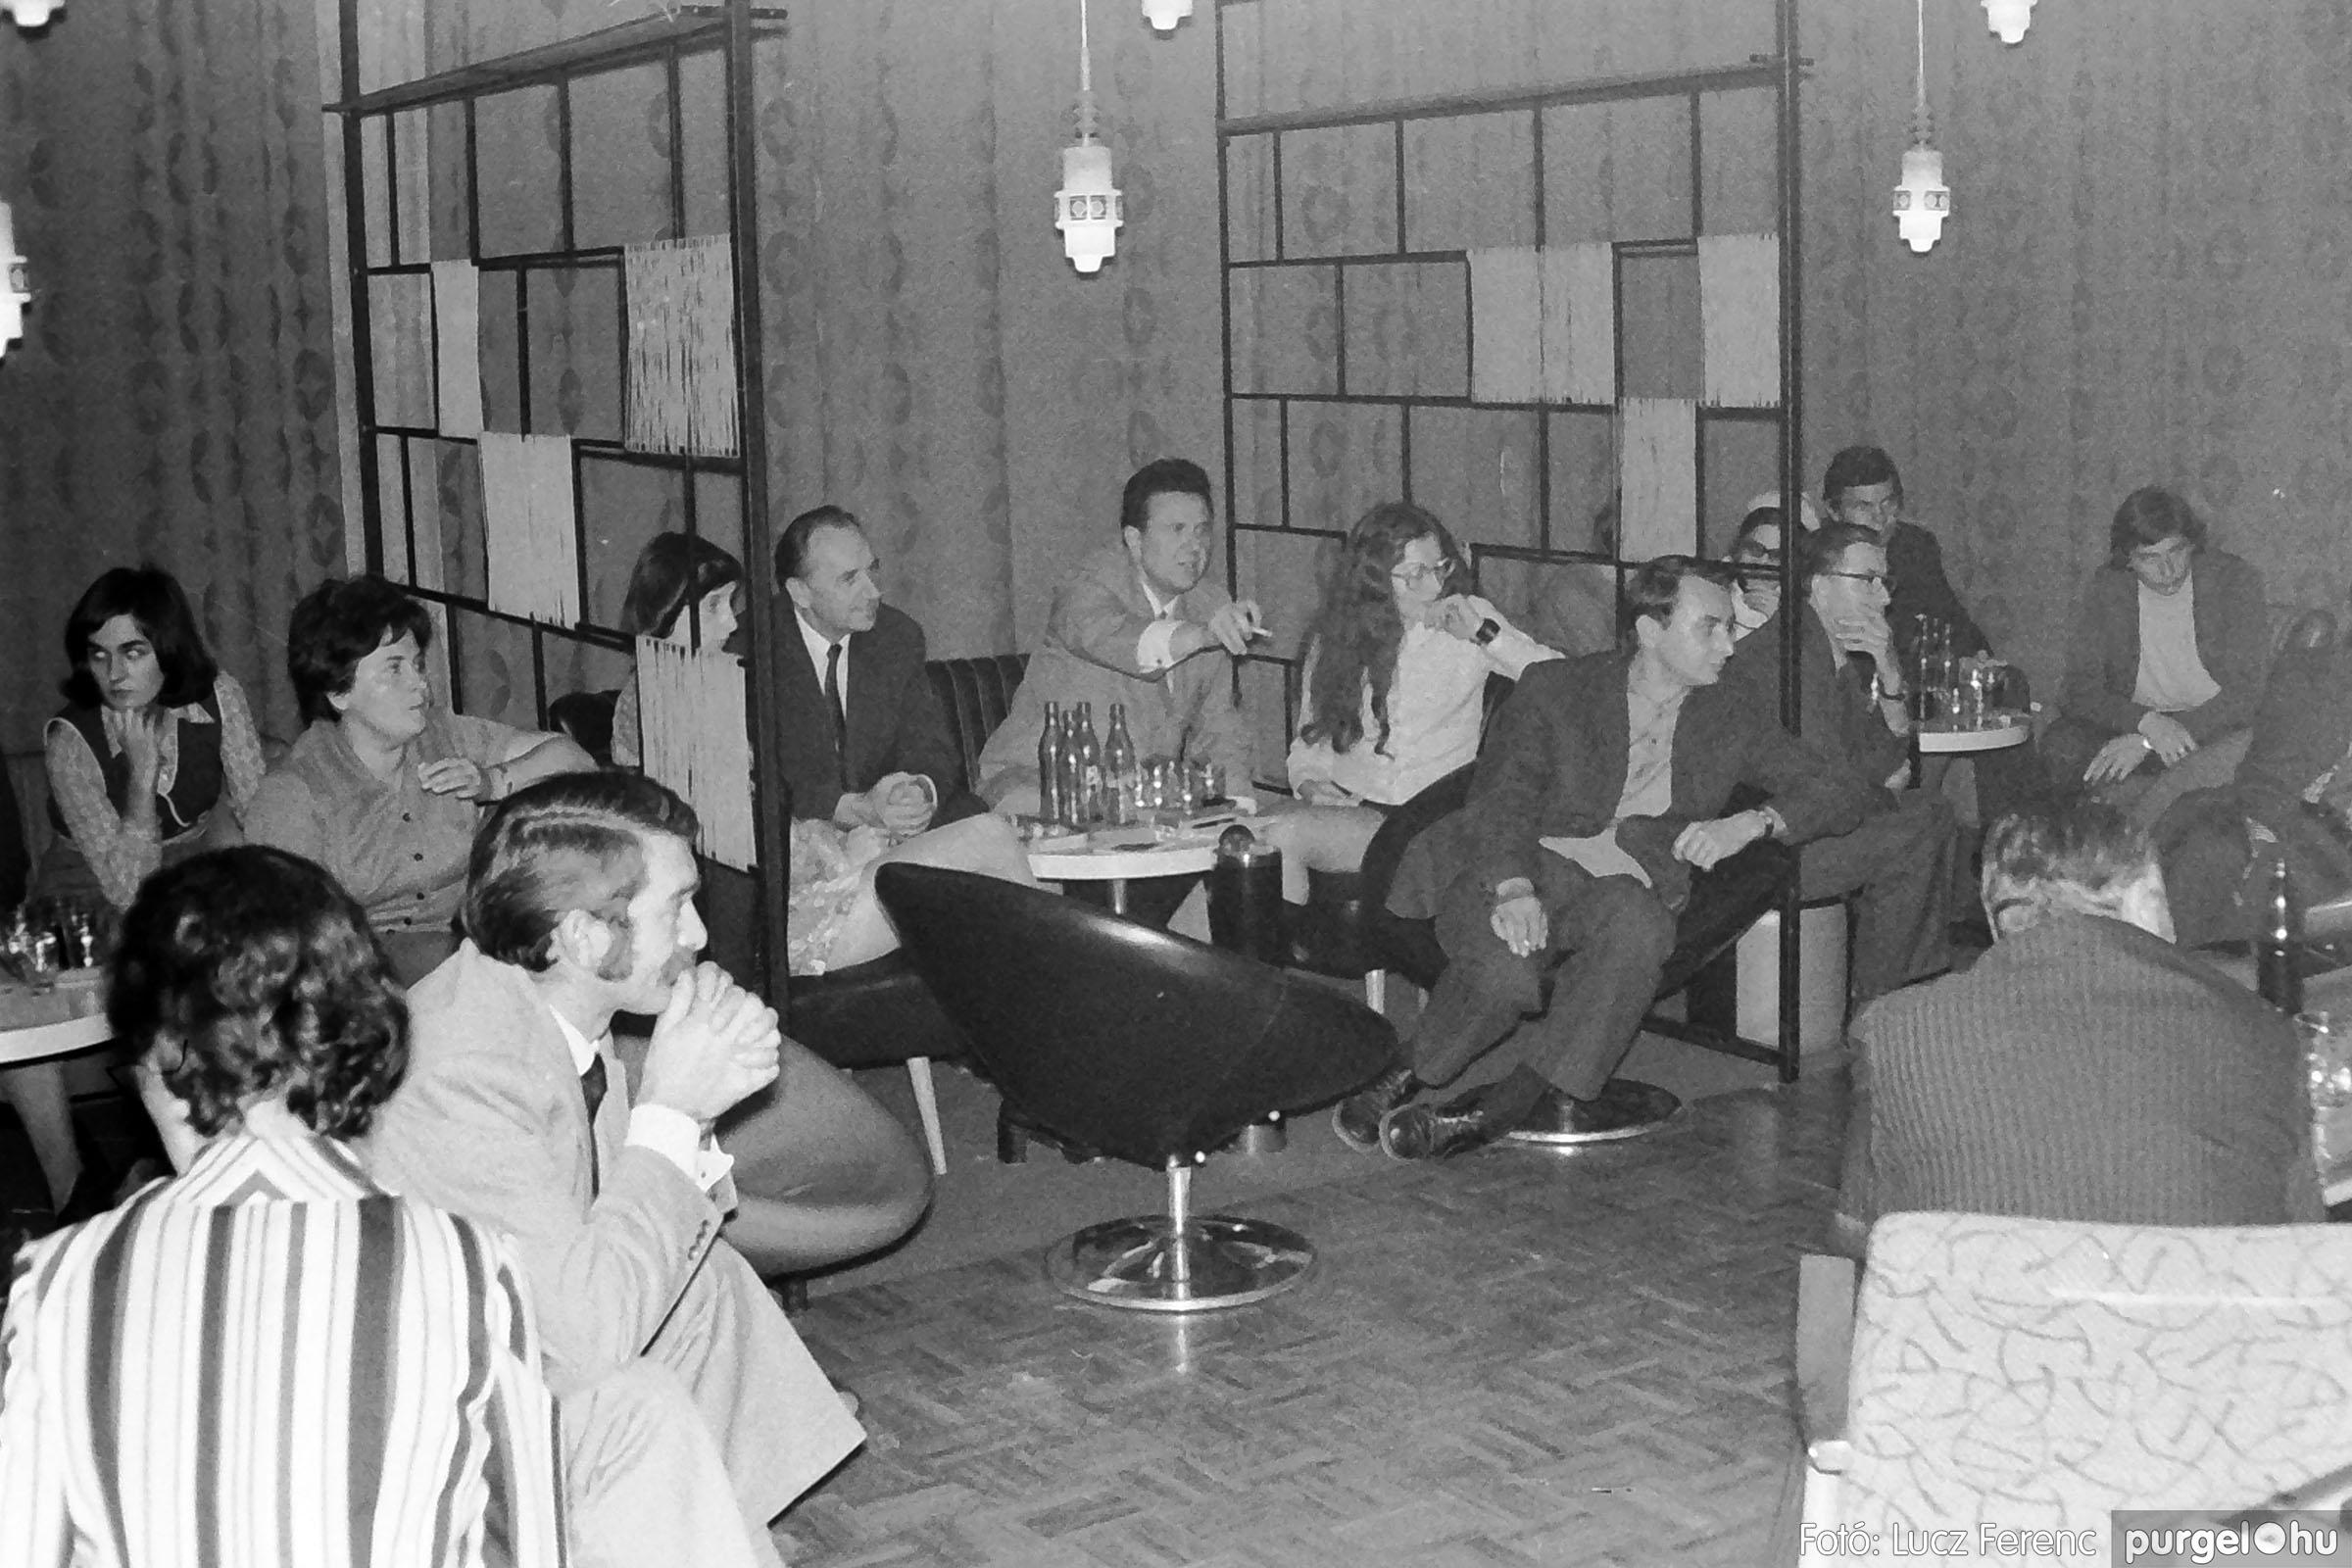 004A 1970-es évek - Ifjúsági klub 004 - Fotó: Lucz Ferenc IMG01165q.jpg